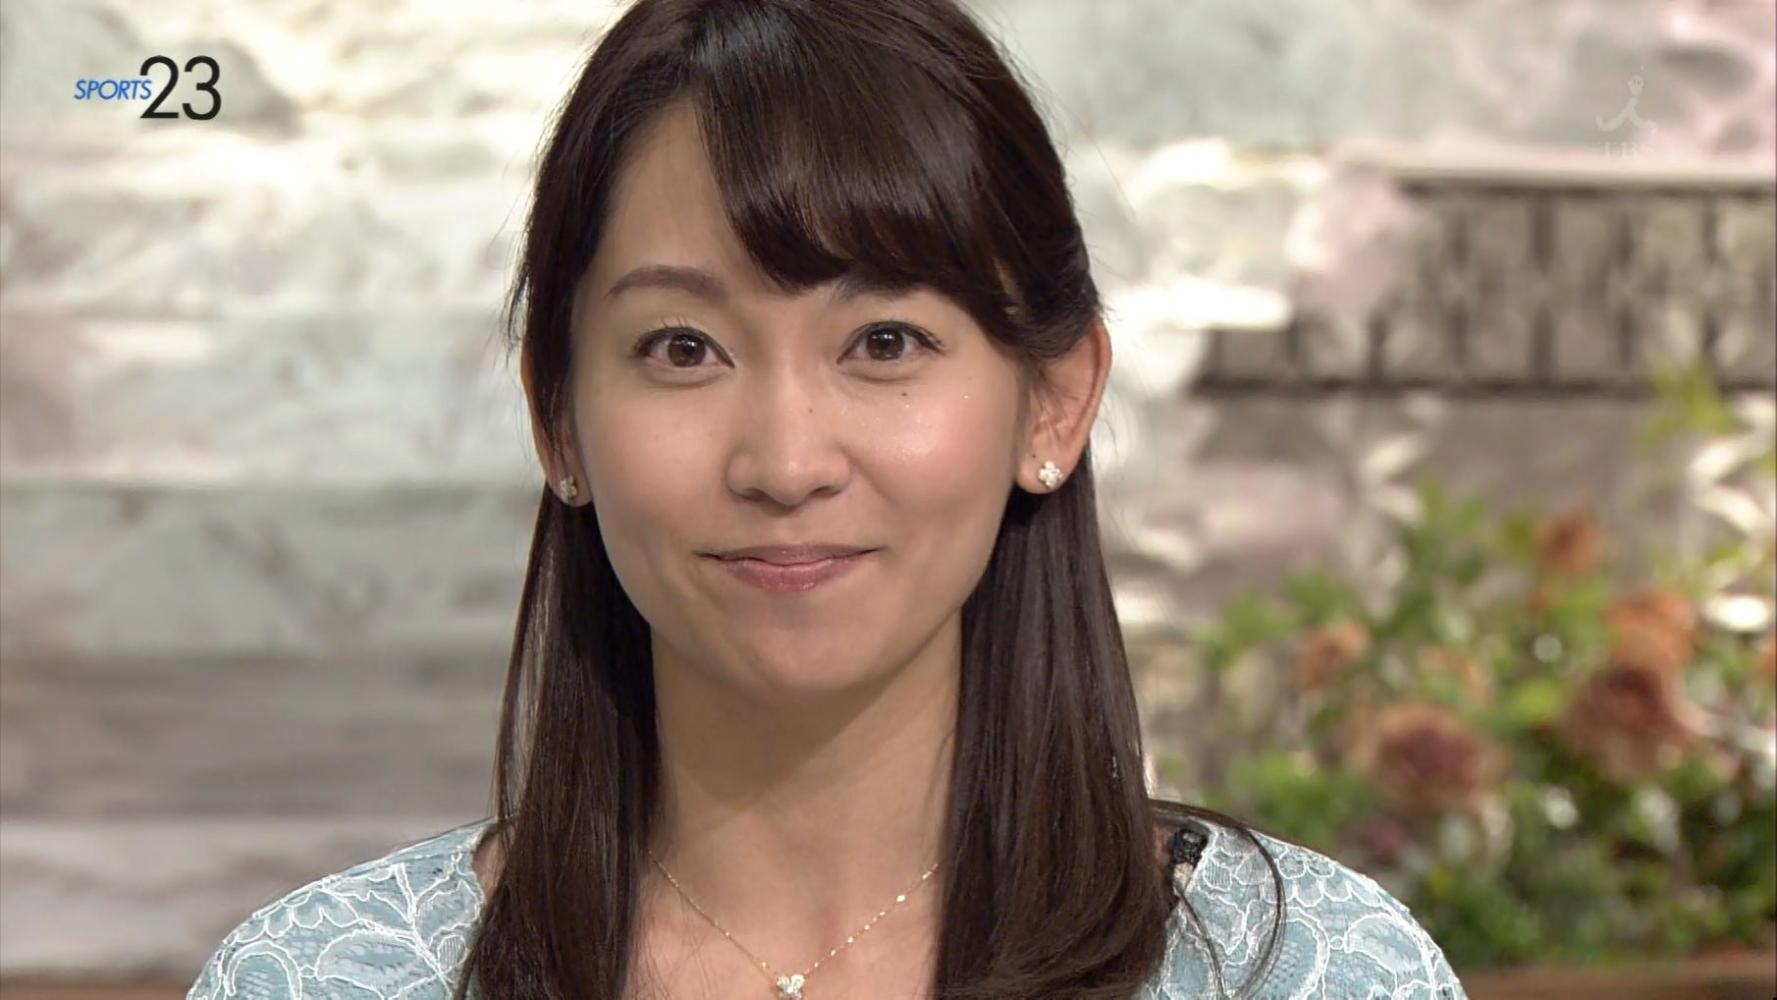 出水麻衣 NEWS23 14/01/13:女子...